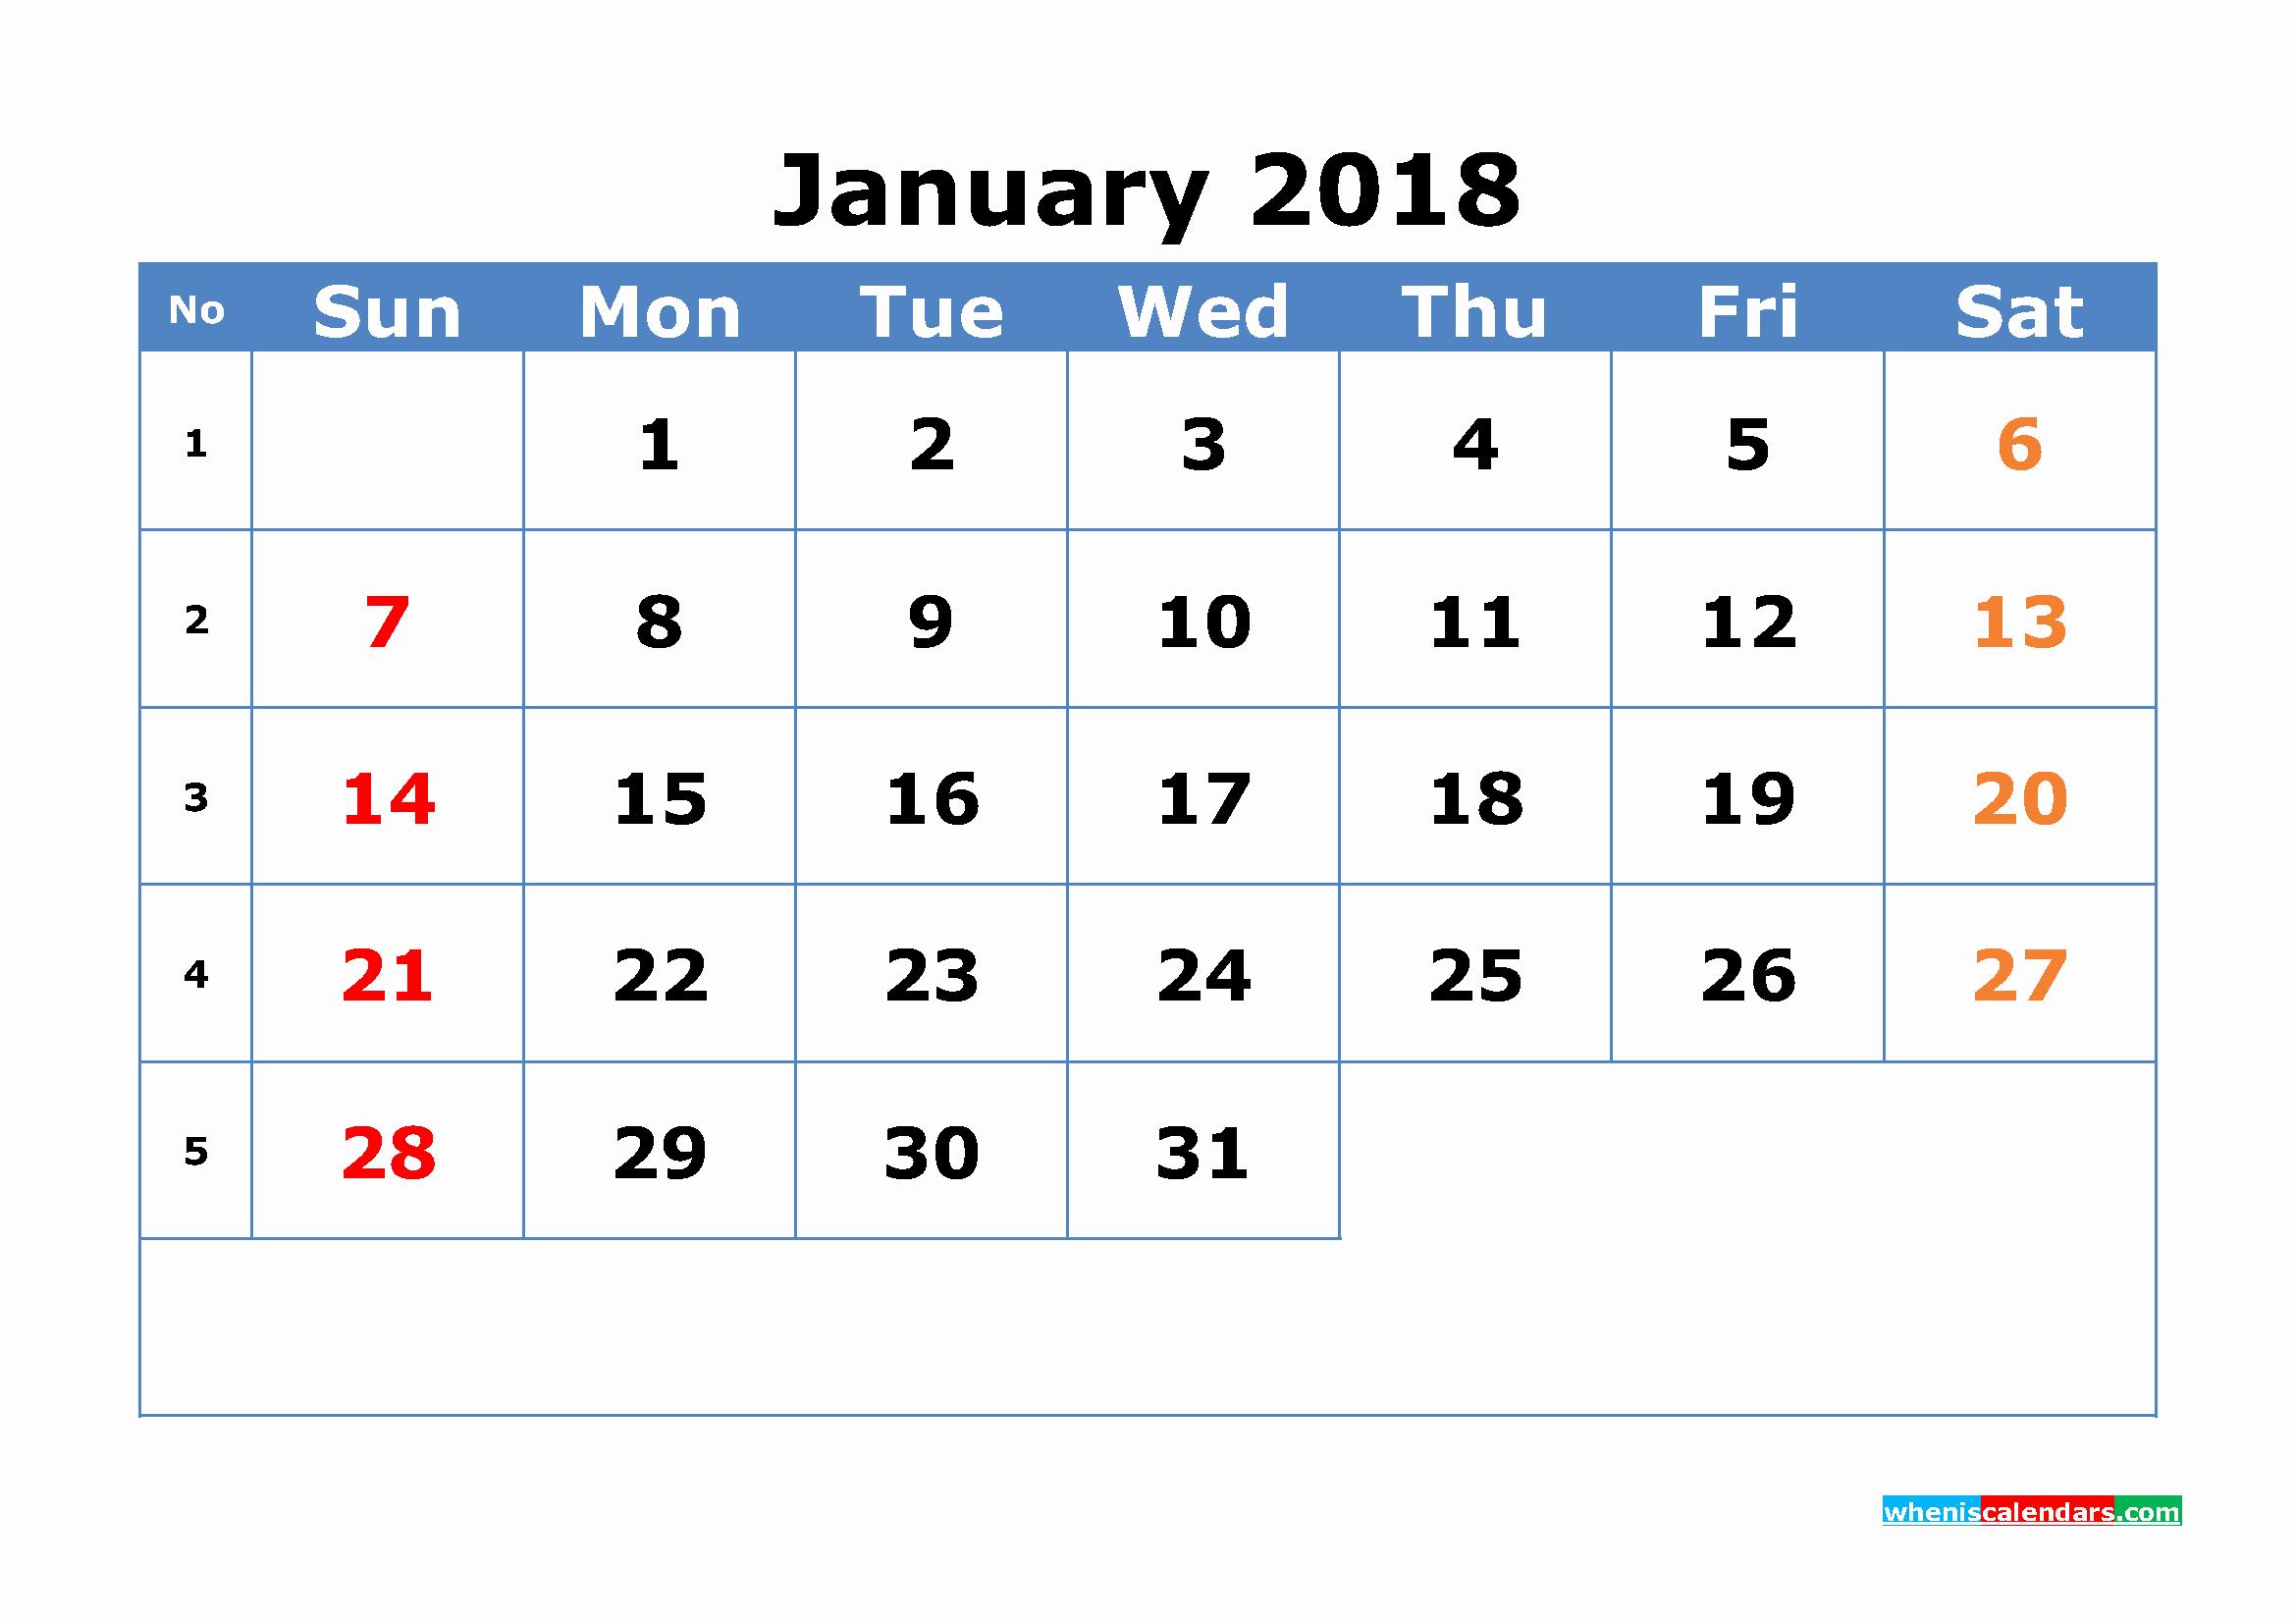 12 Month Calendar 2018 Printable Best Of 12 Month Calendar 2018 with Week Numbers Printable Pdf